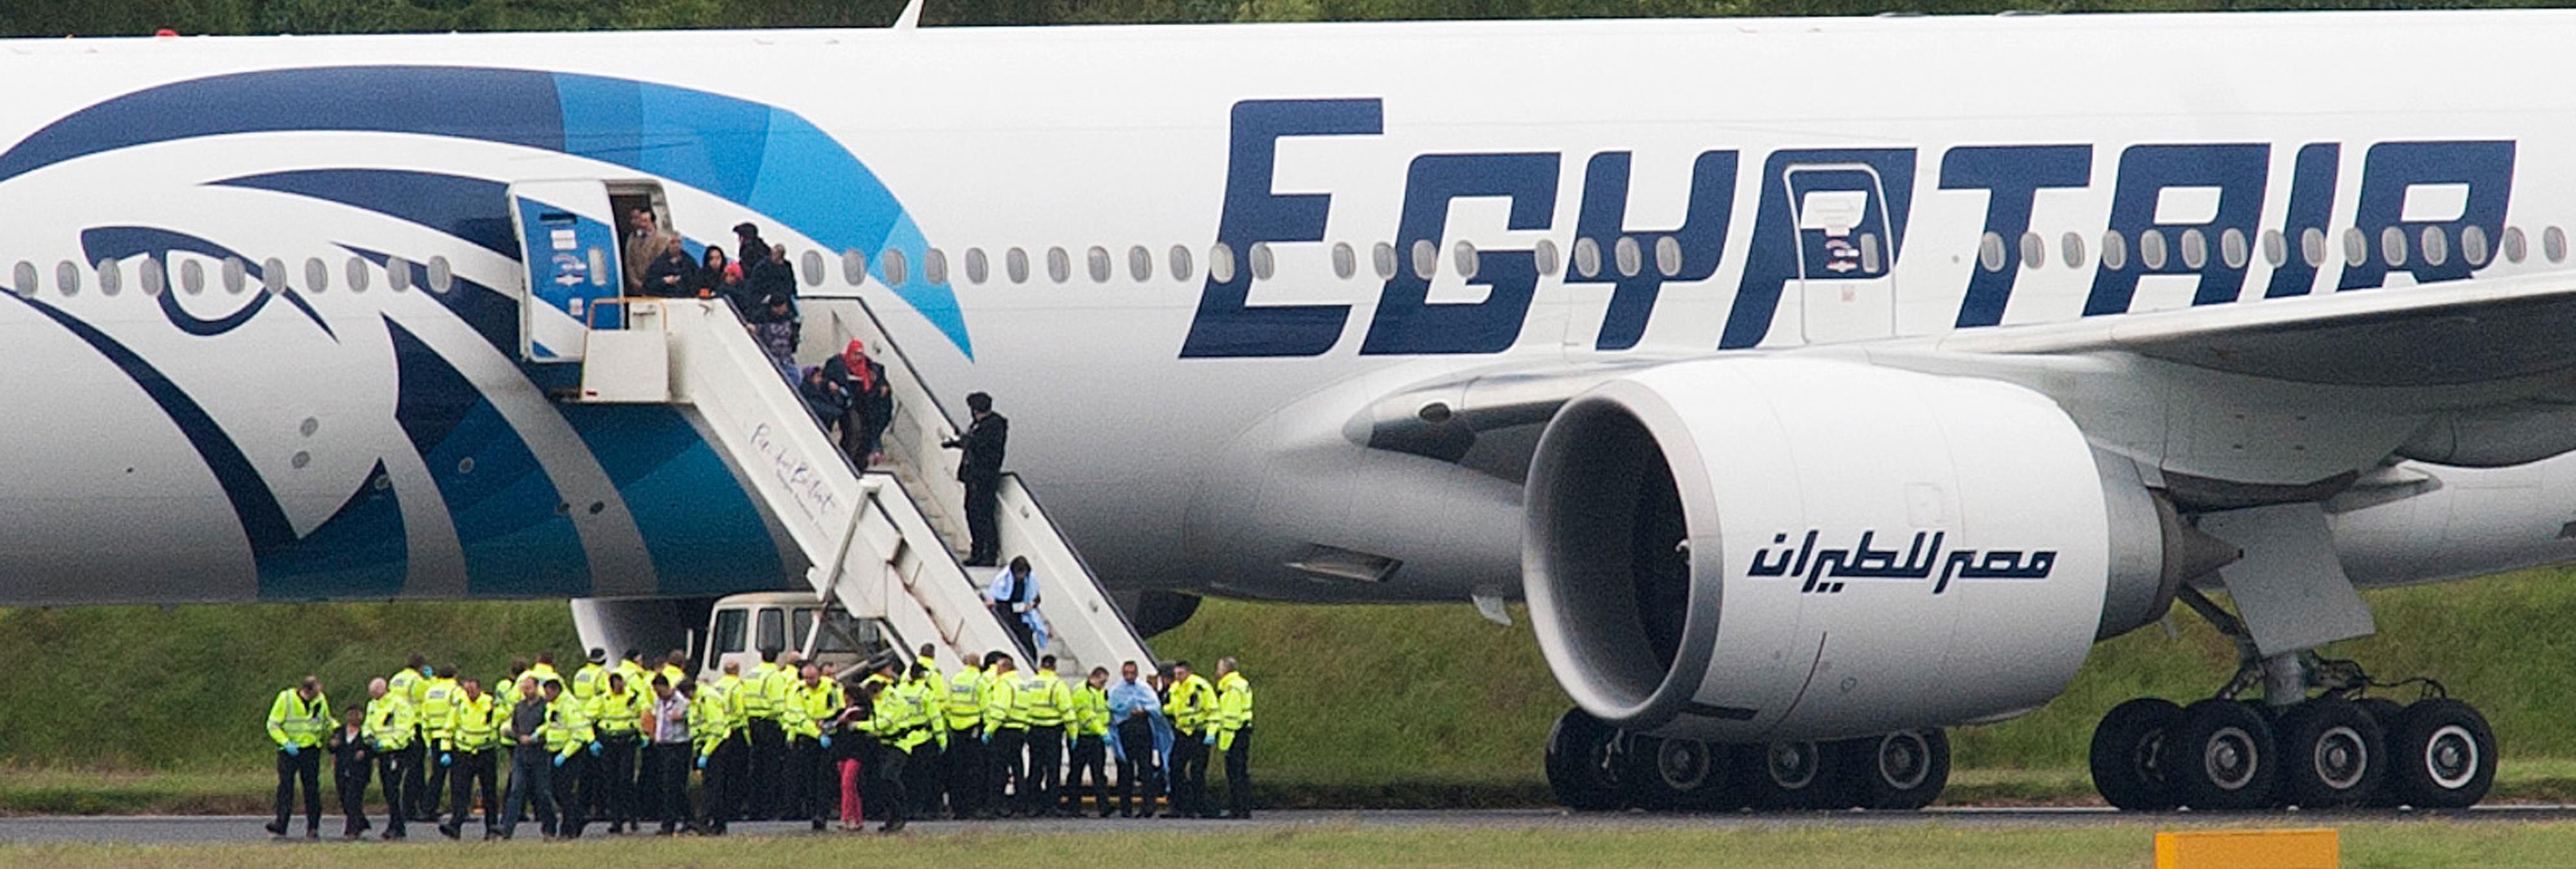 Un 'terrorista' con un 'cinturón de explosivos' secuestra un vuelo de Egyptair